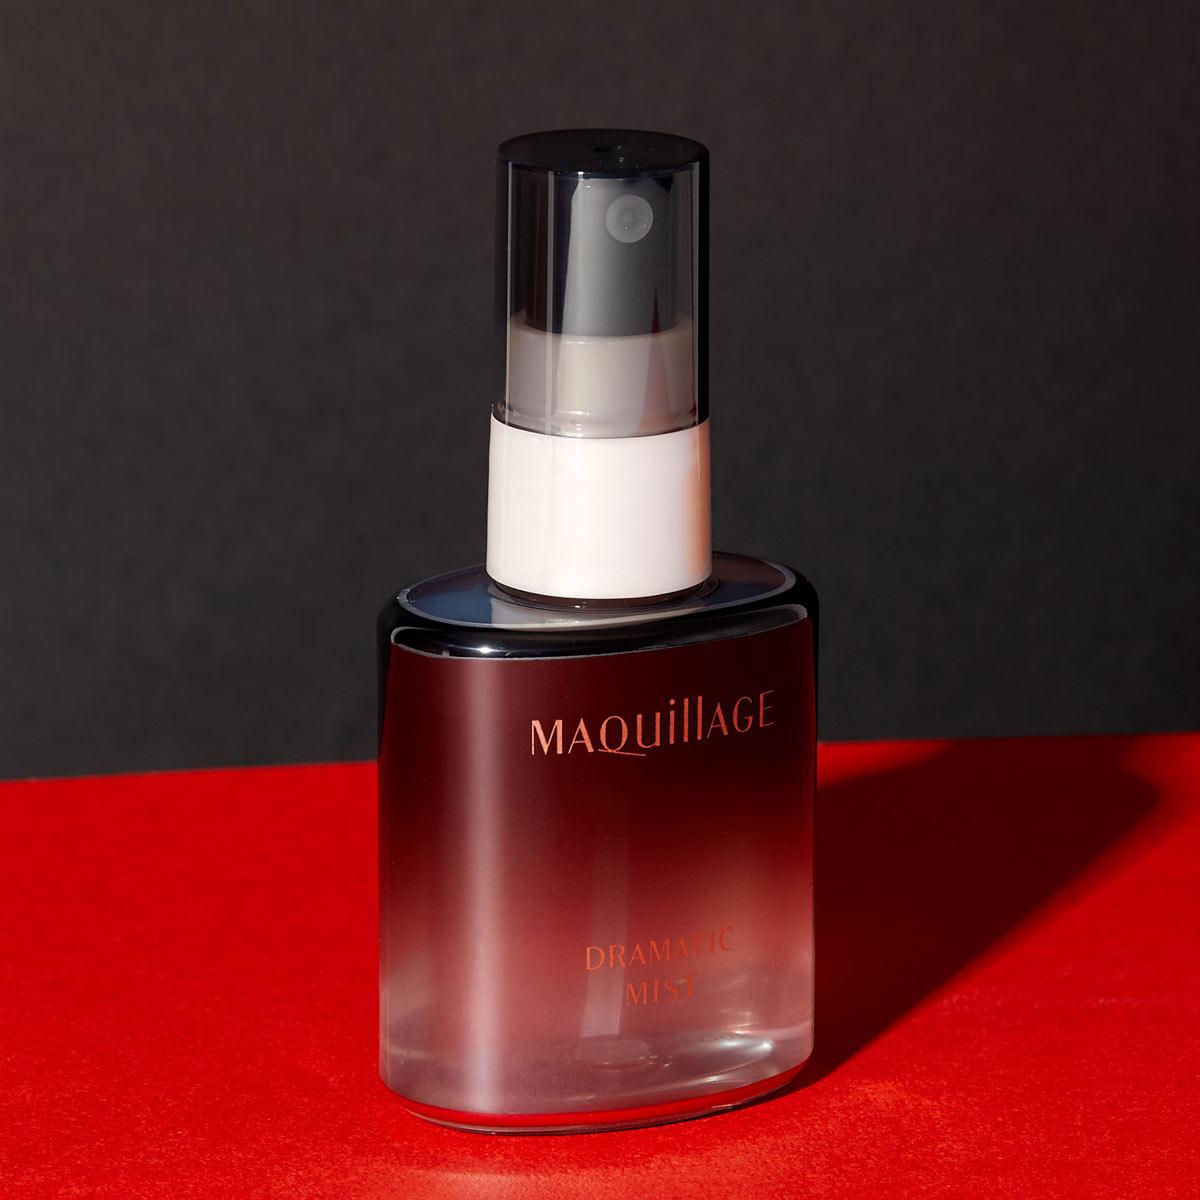 MAQuillAGE(マキアージュ)『ドラマティックミスト』の使用感をレポに関する画像1